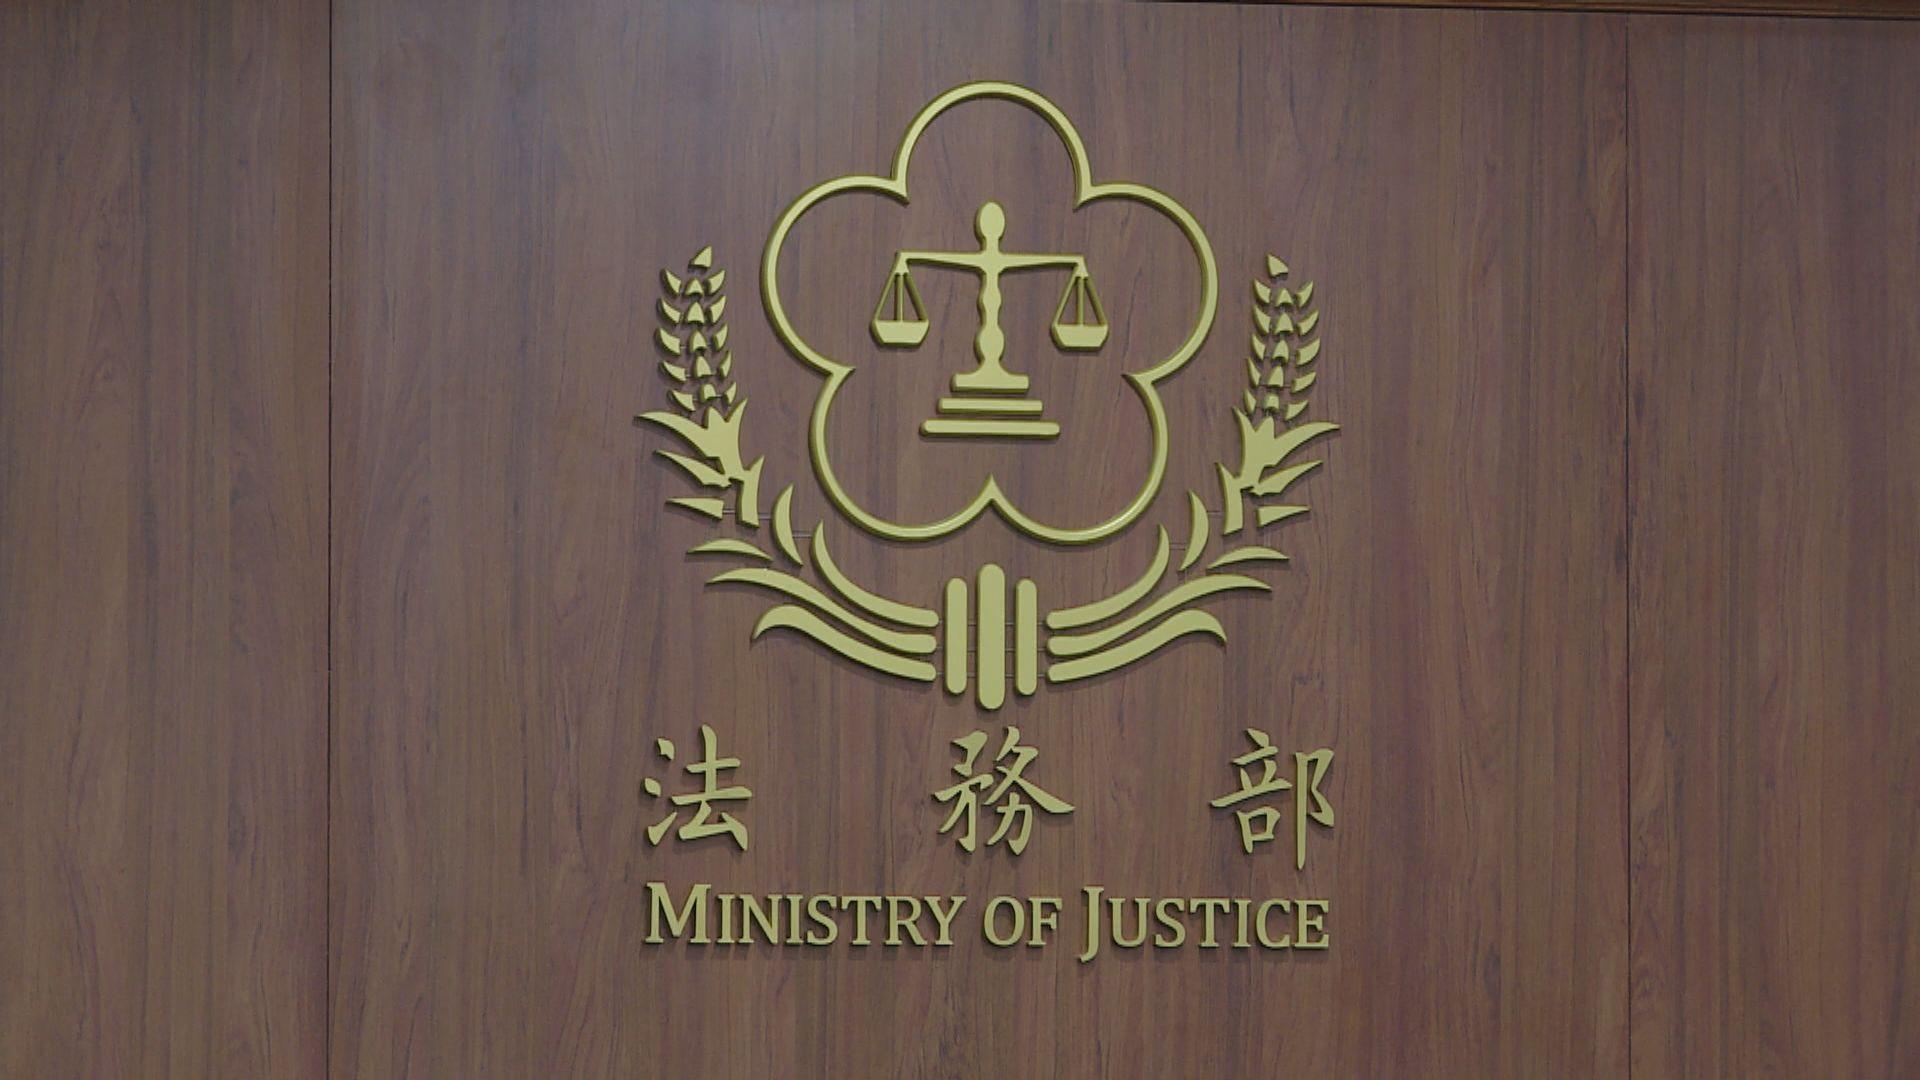 台灣監察院:法務部曾多次向香港提出司法互助請求